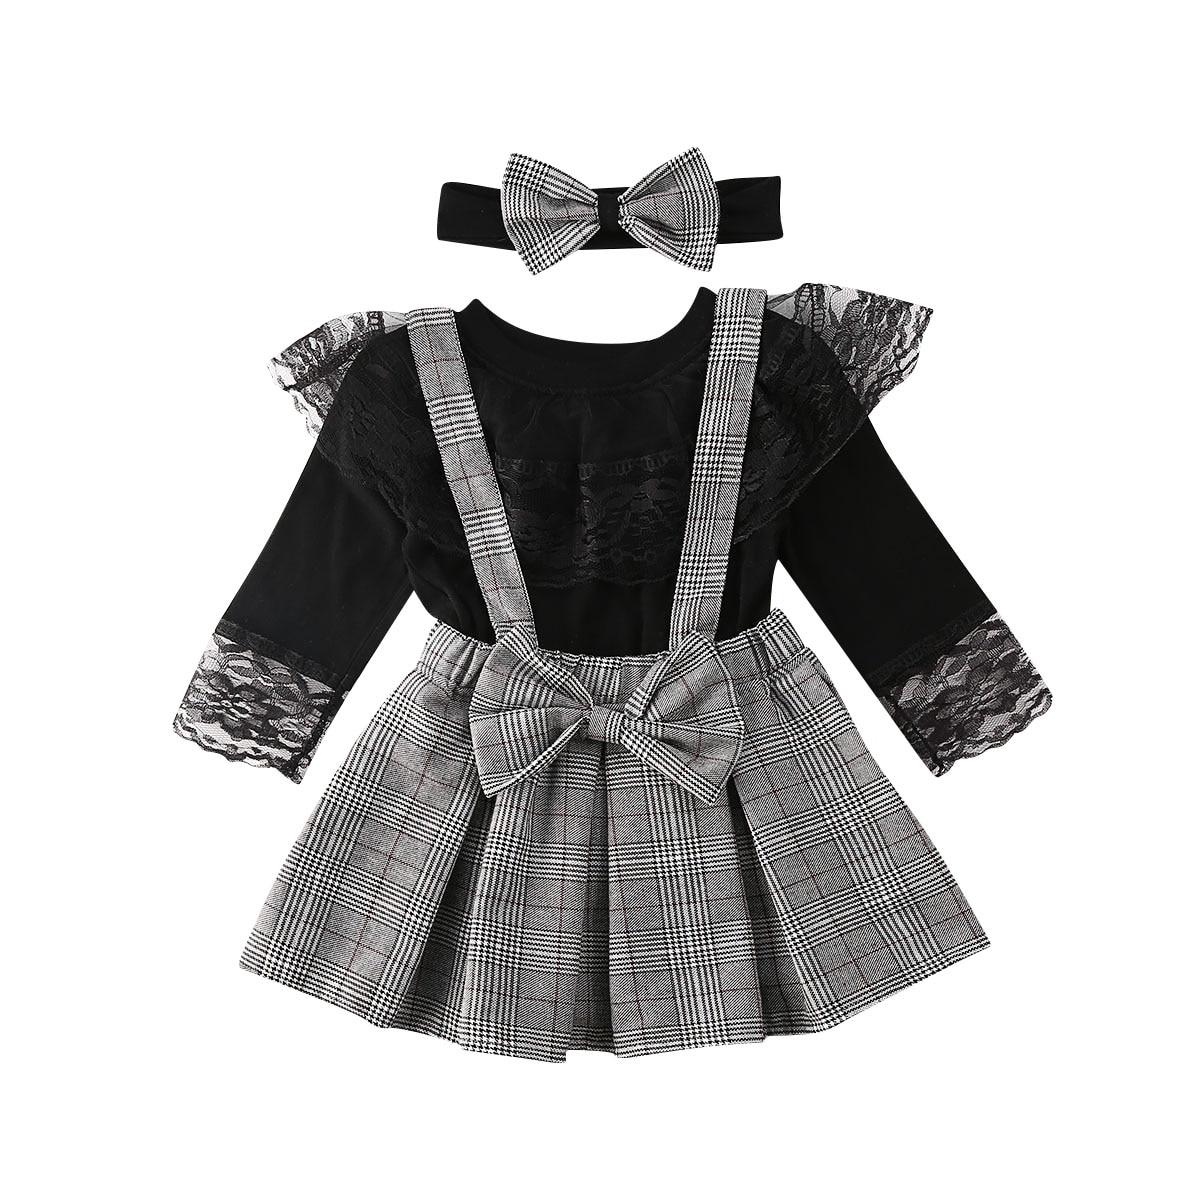 1-6Y niña bebé ropa de bebé conjunto negro de manga larga de encaje camisetas + faldas a cuadros volantes trajes de primavera para niña